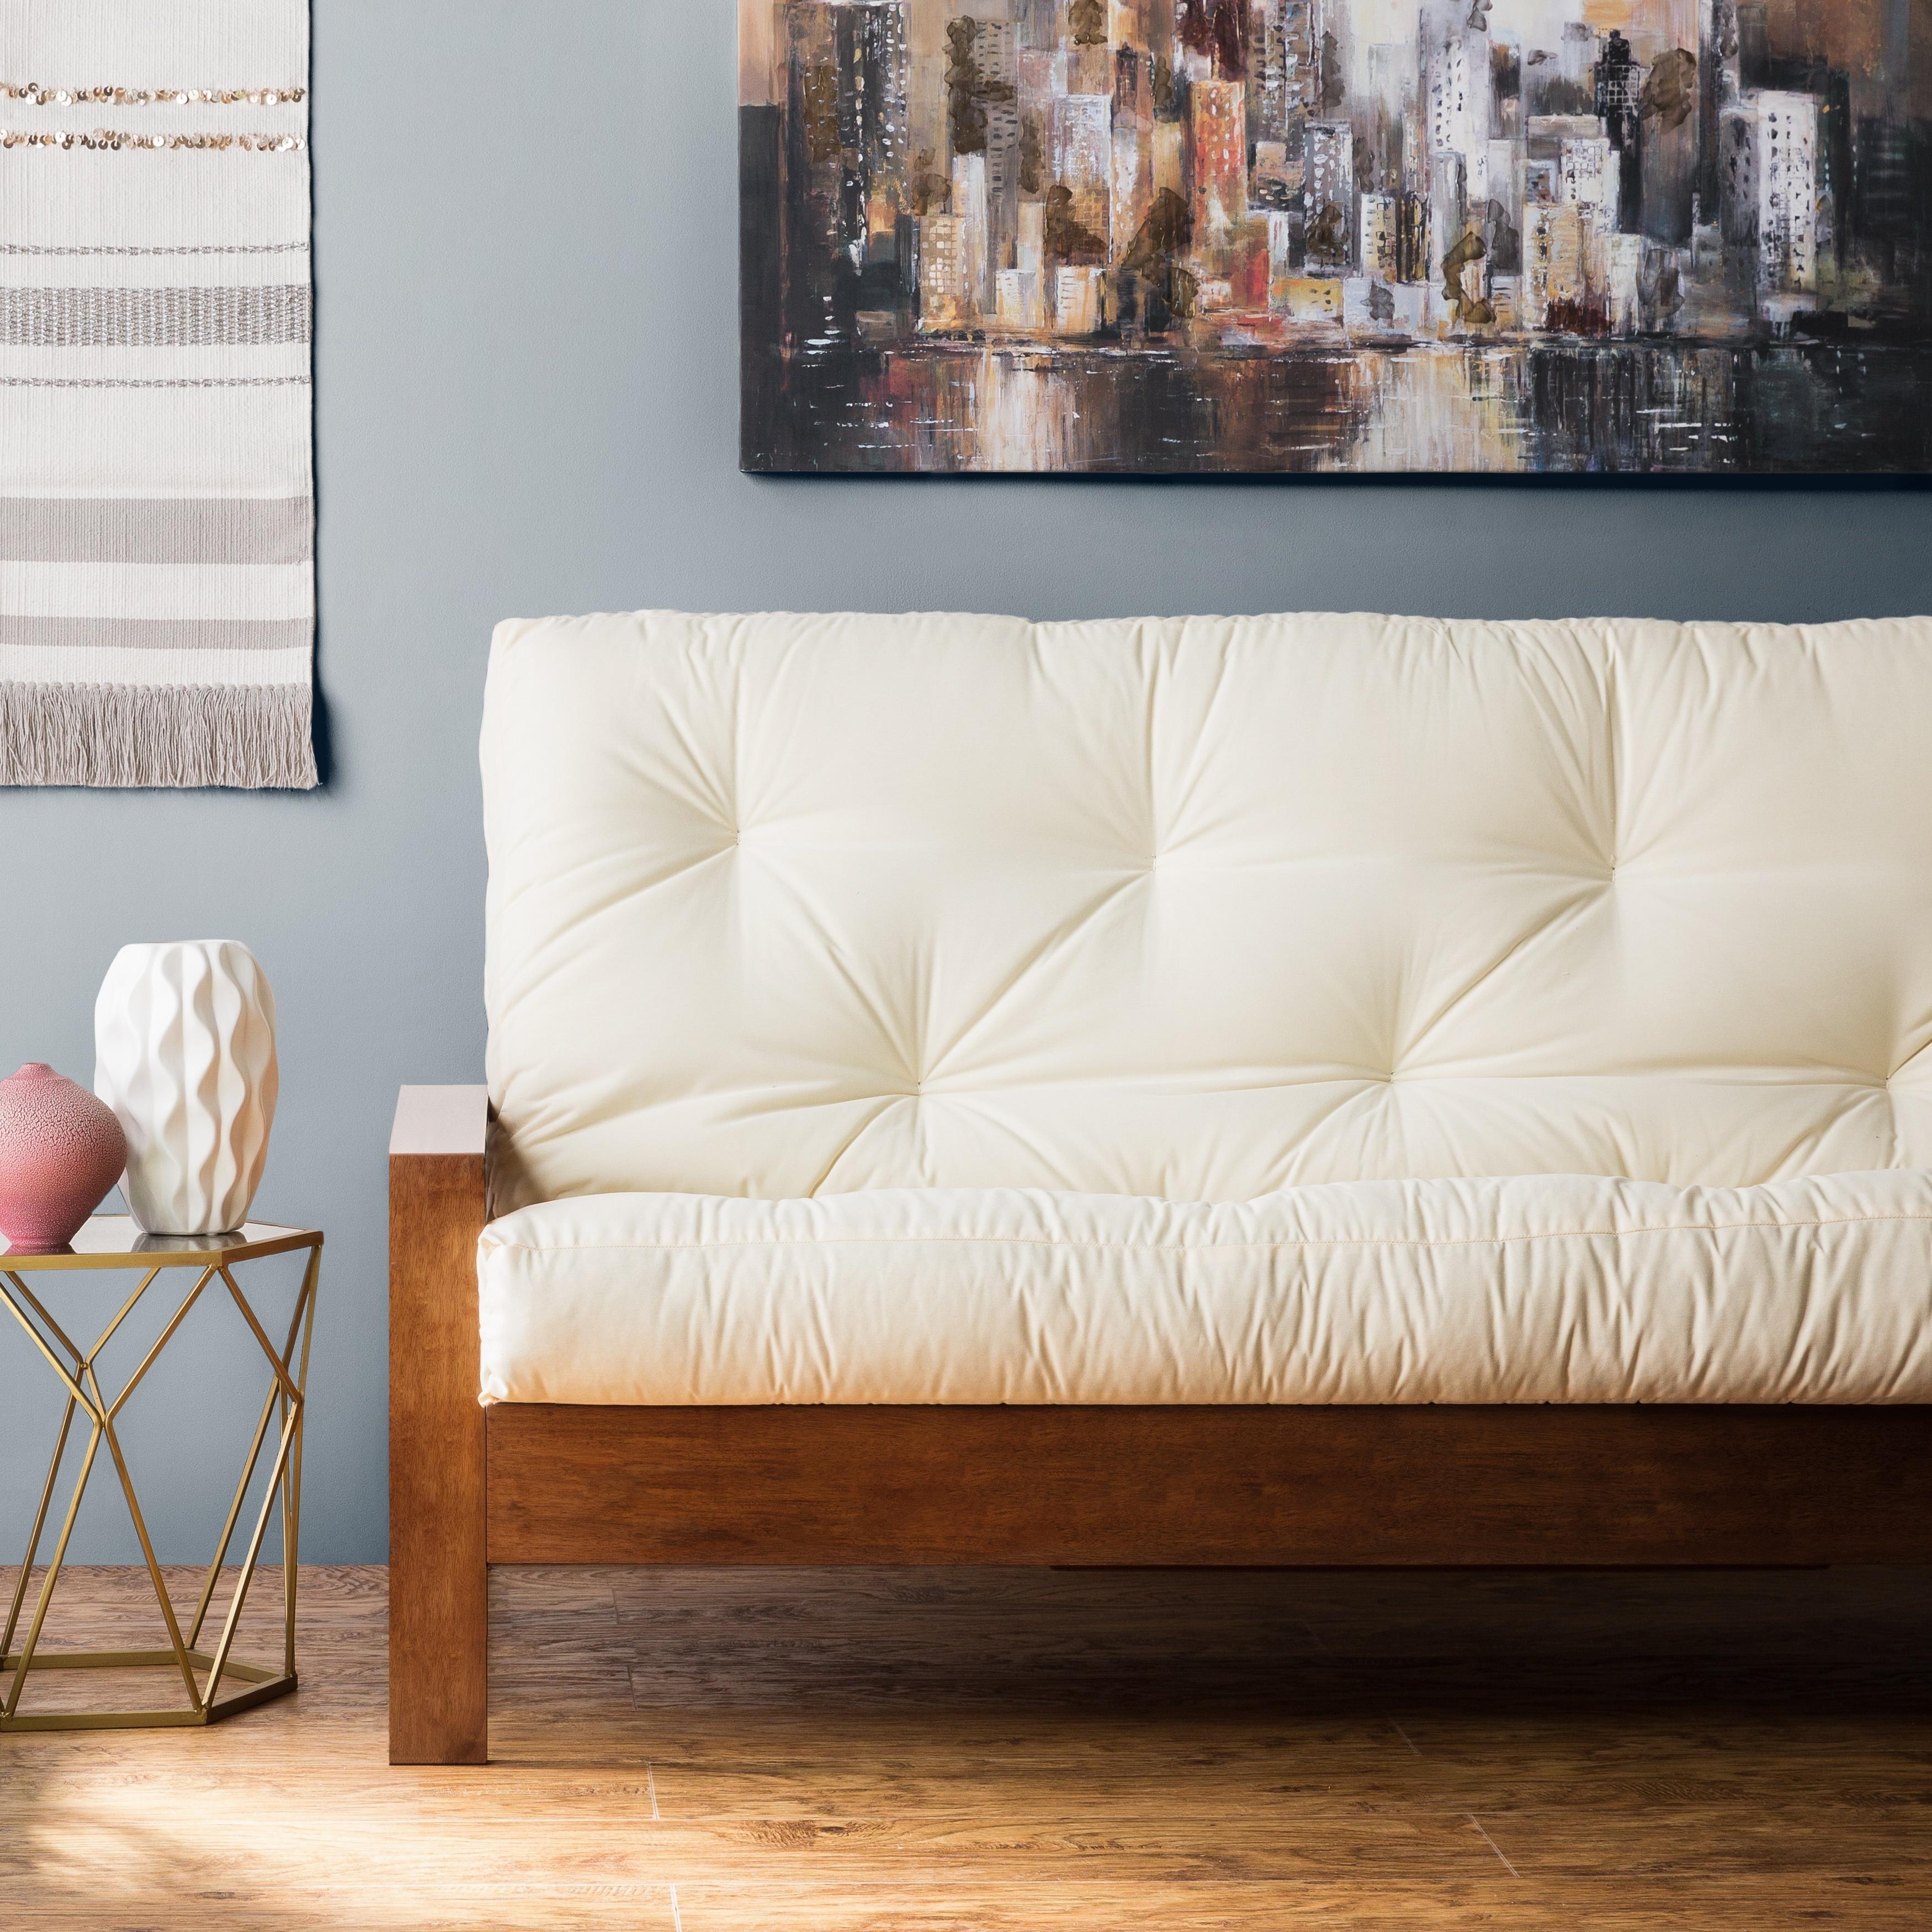 Clay Alder Home Hansen 8 Inch Full Size Gel Memory Foam Futon Mattress